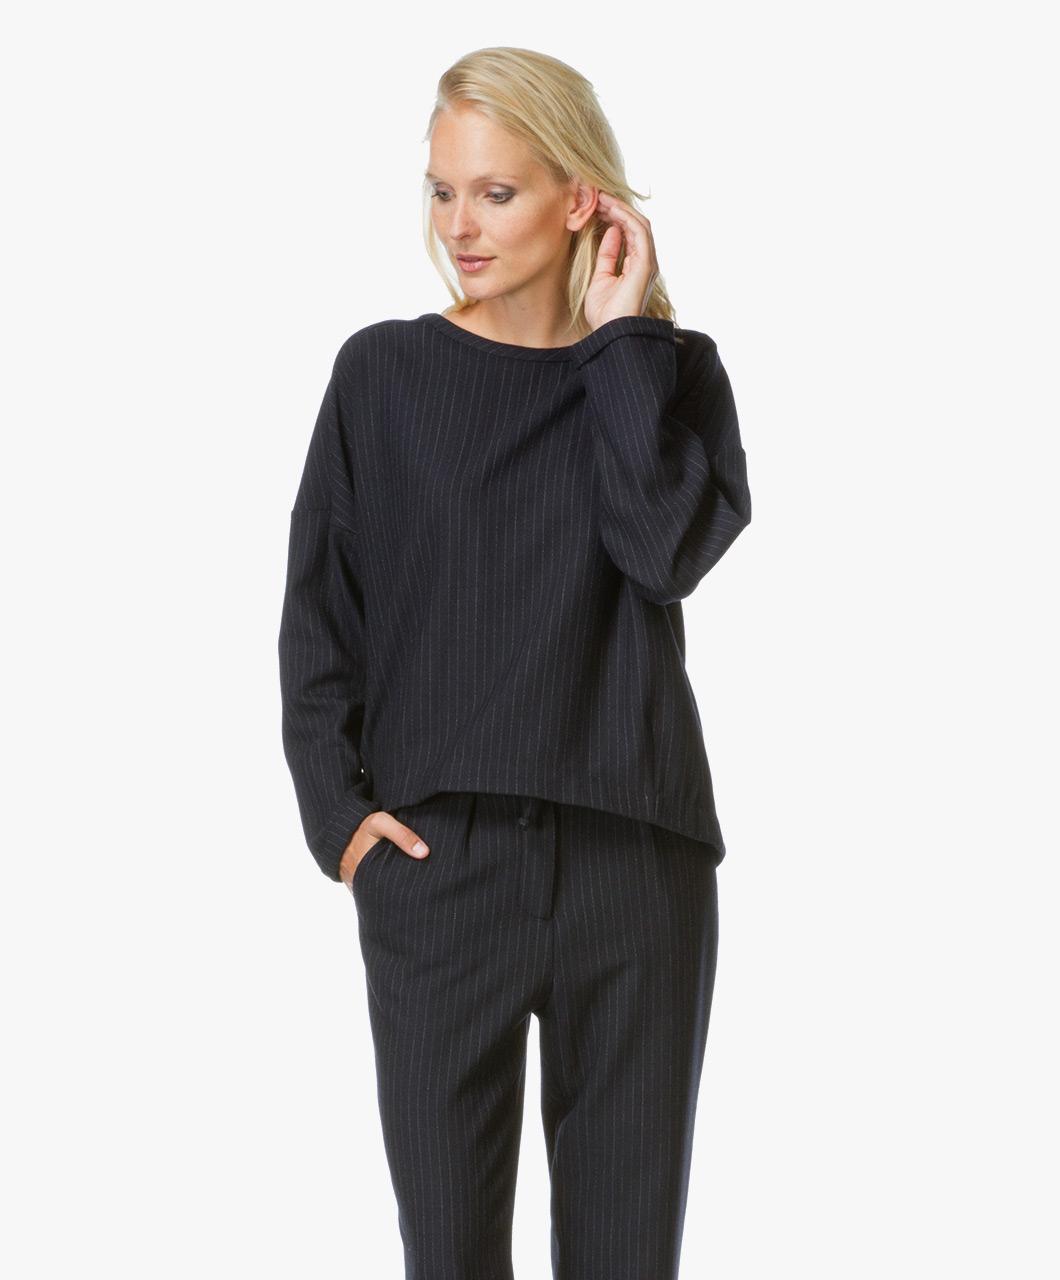 paul joe sister karmin sweater marine karmin 03 marine. Black Bedroom Furniture Sets. Home Design Ideas